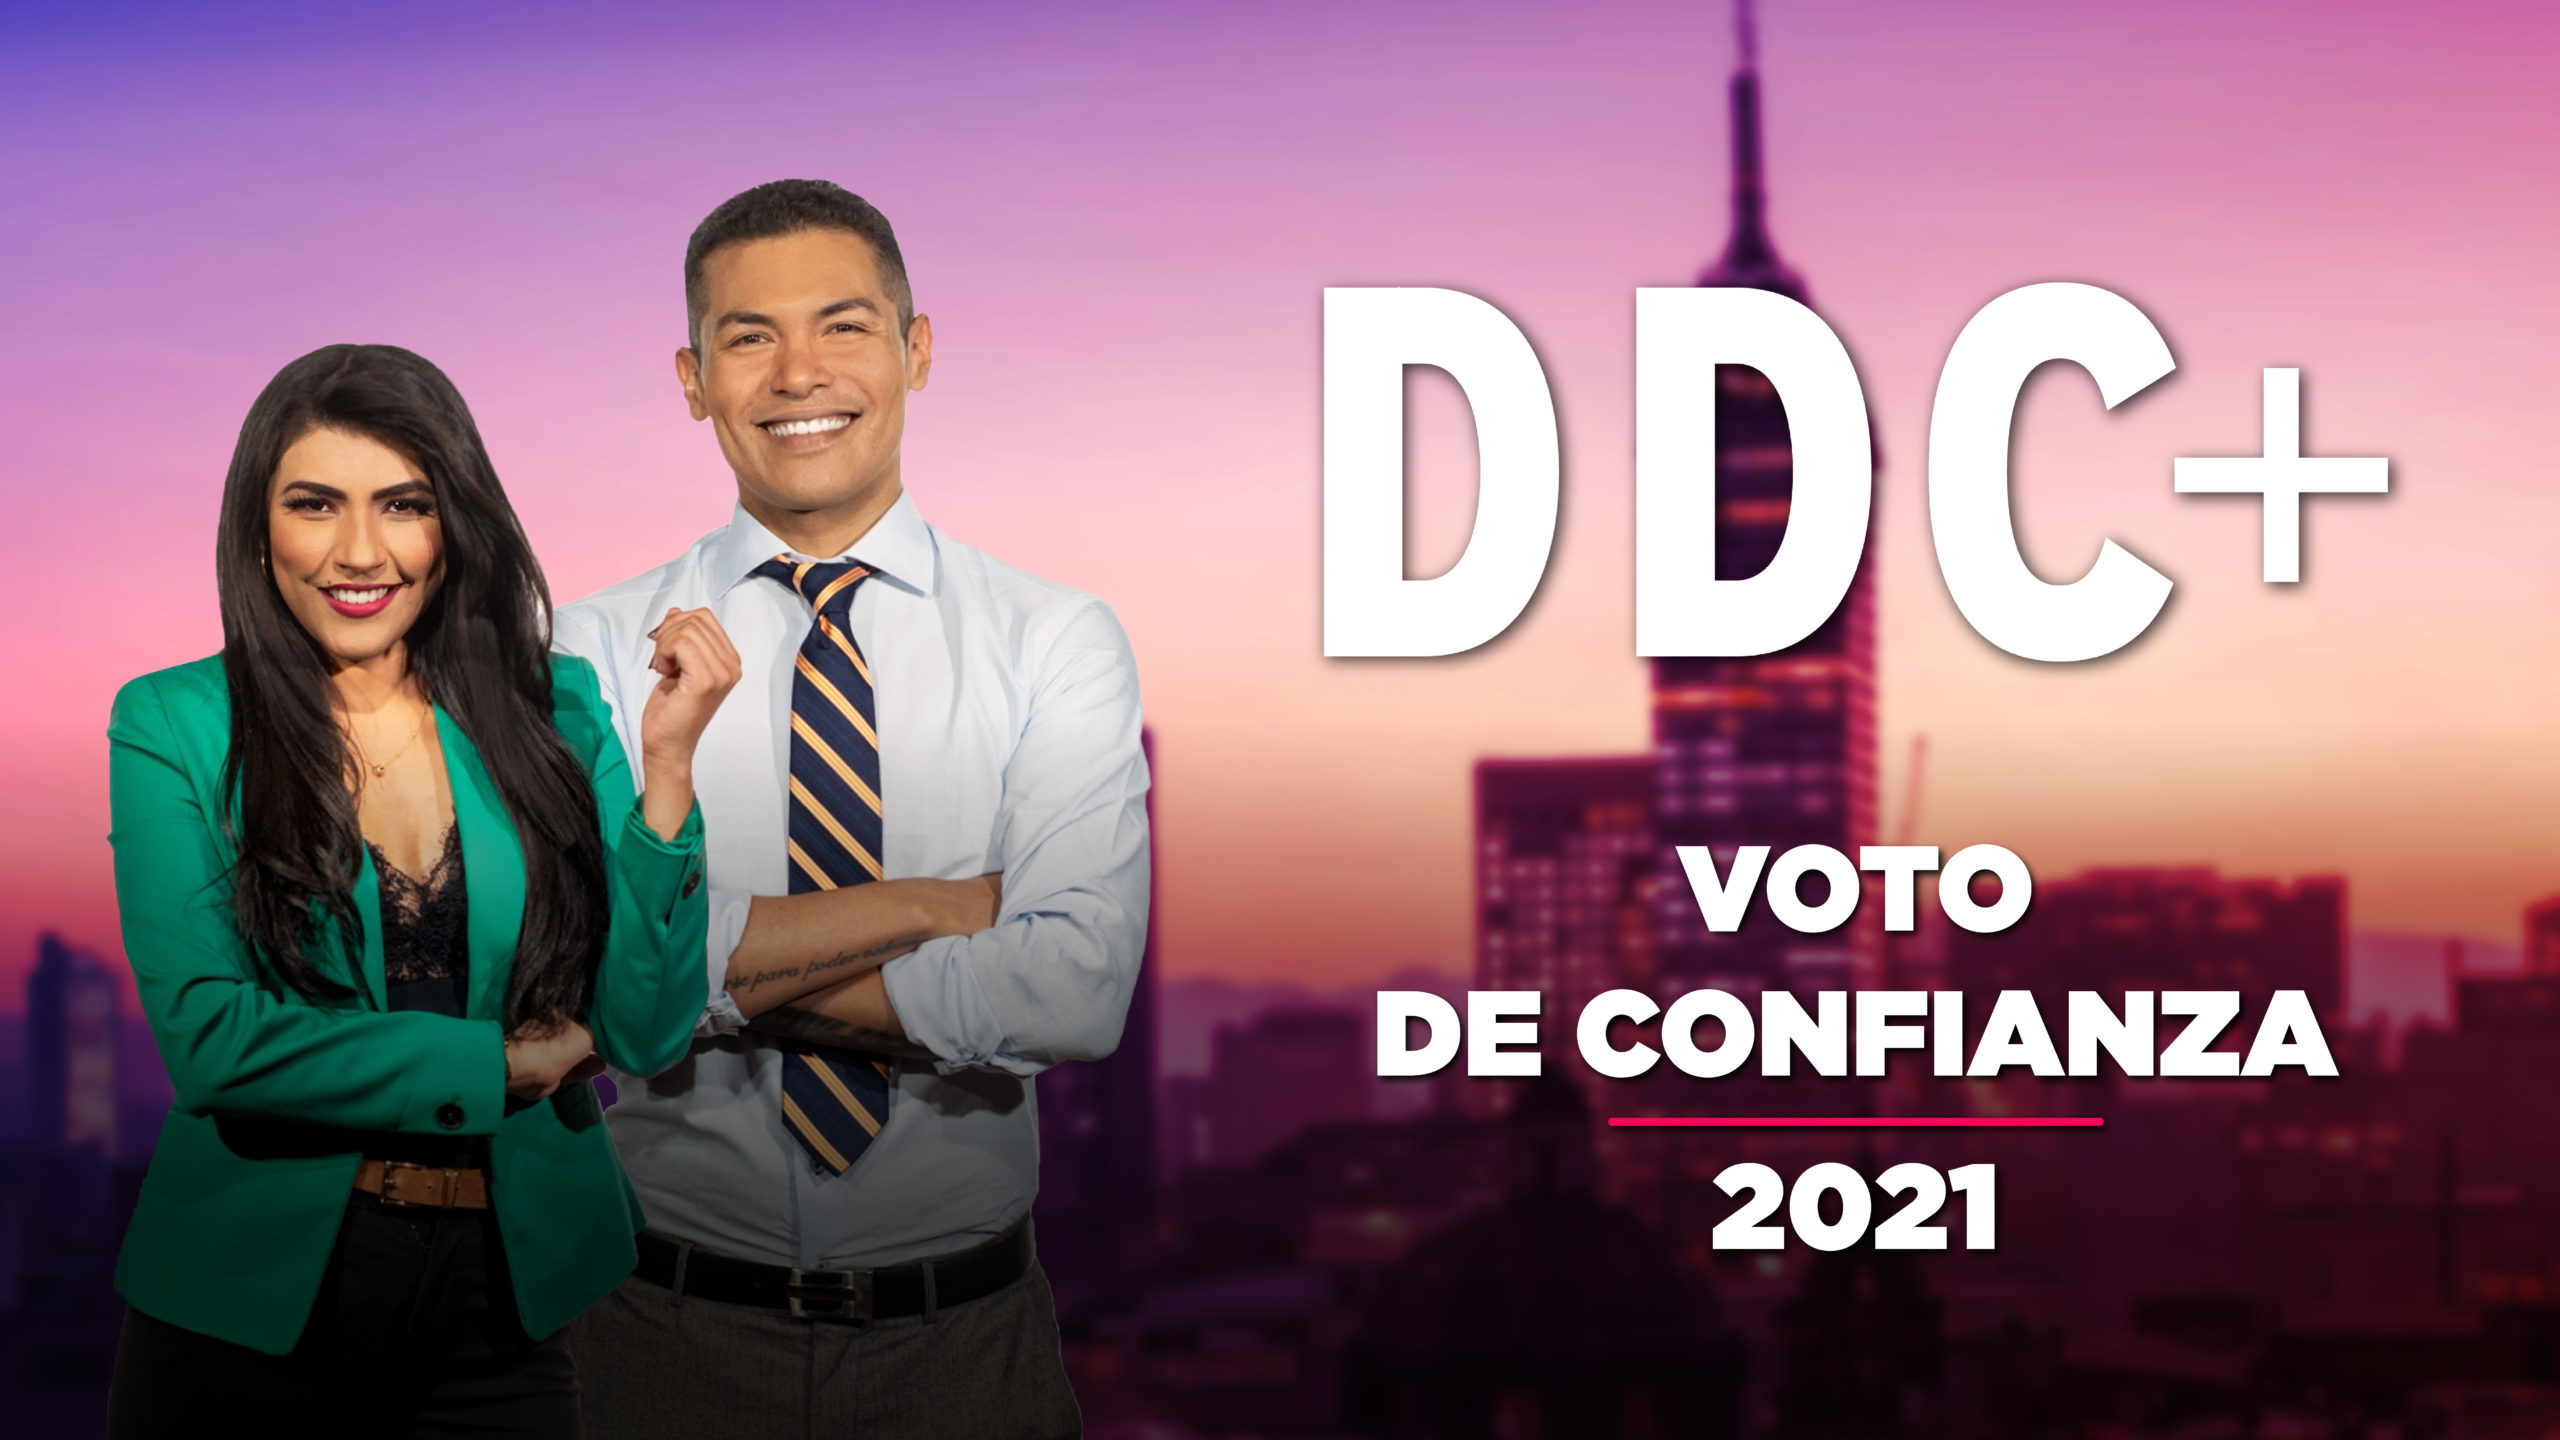 Como ya TODOS andan en campaña ¡NOSOTROS TAMBIÉN! Y queremos TU VOTO DE CONFIANZA para nuestros candidatos: Laura Bruguésy Callo de Hacha